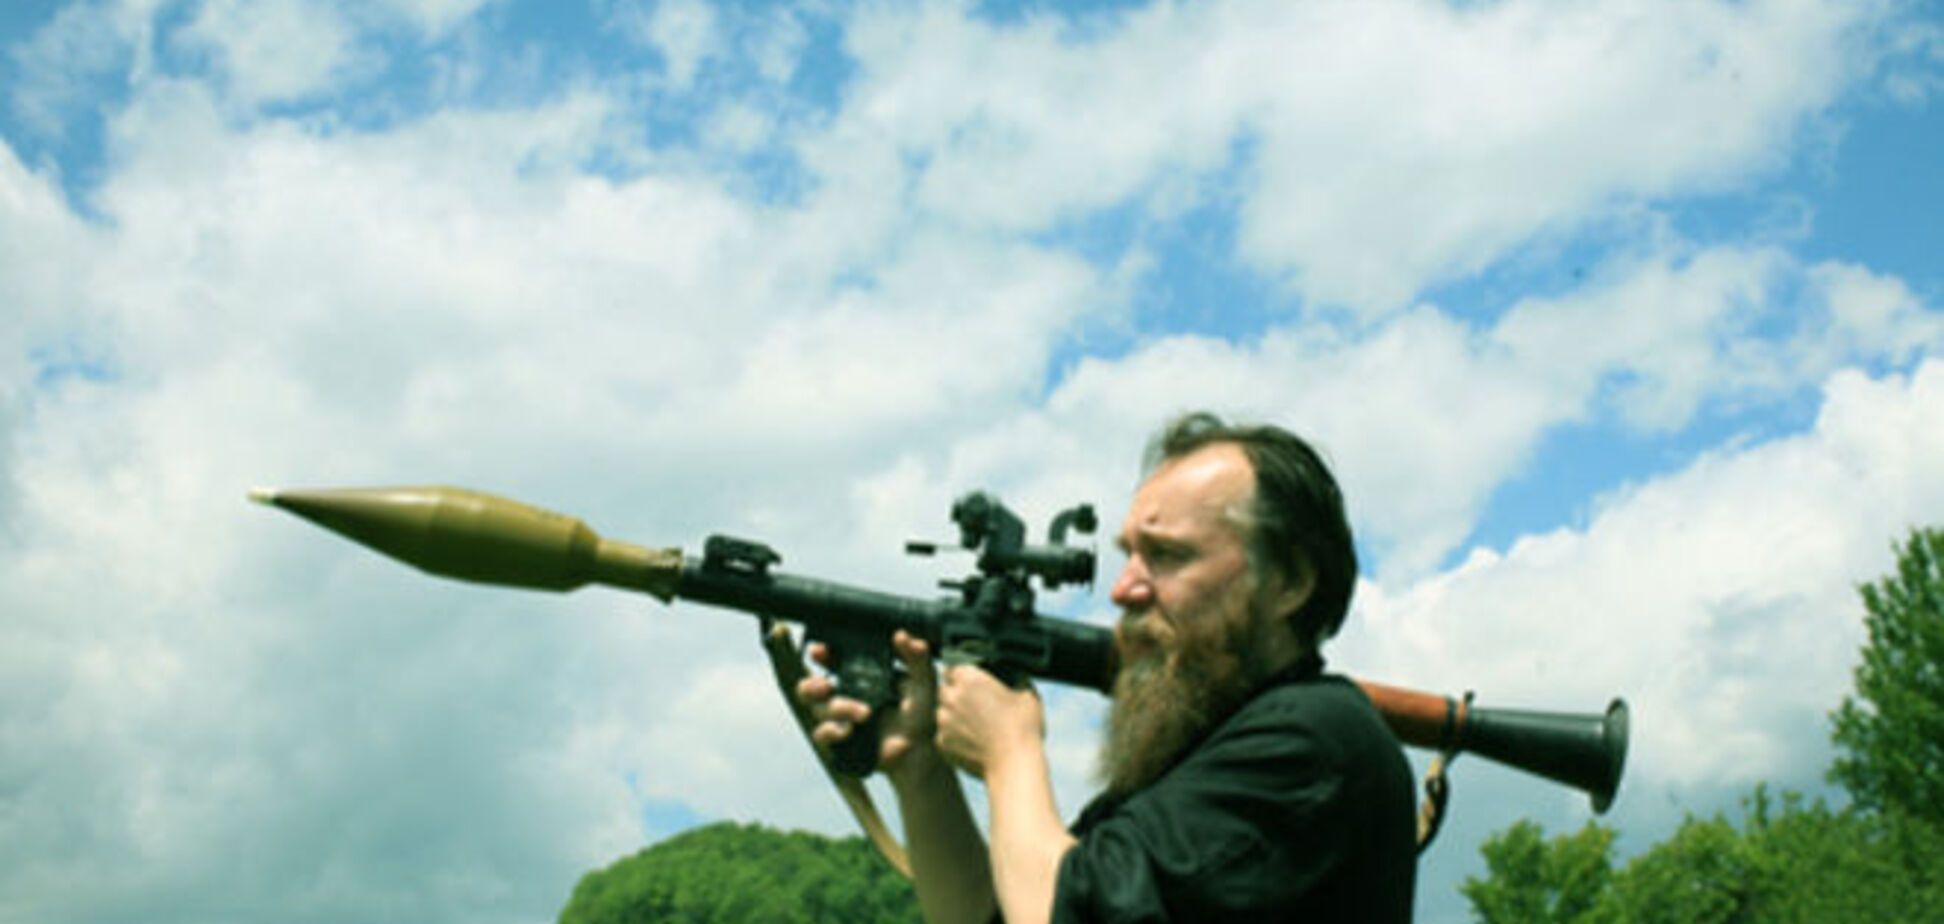 Дугин о 'защите русского мира': никакого закона, только сила